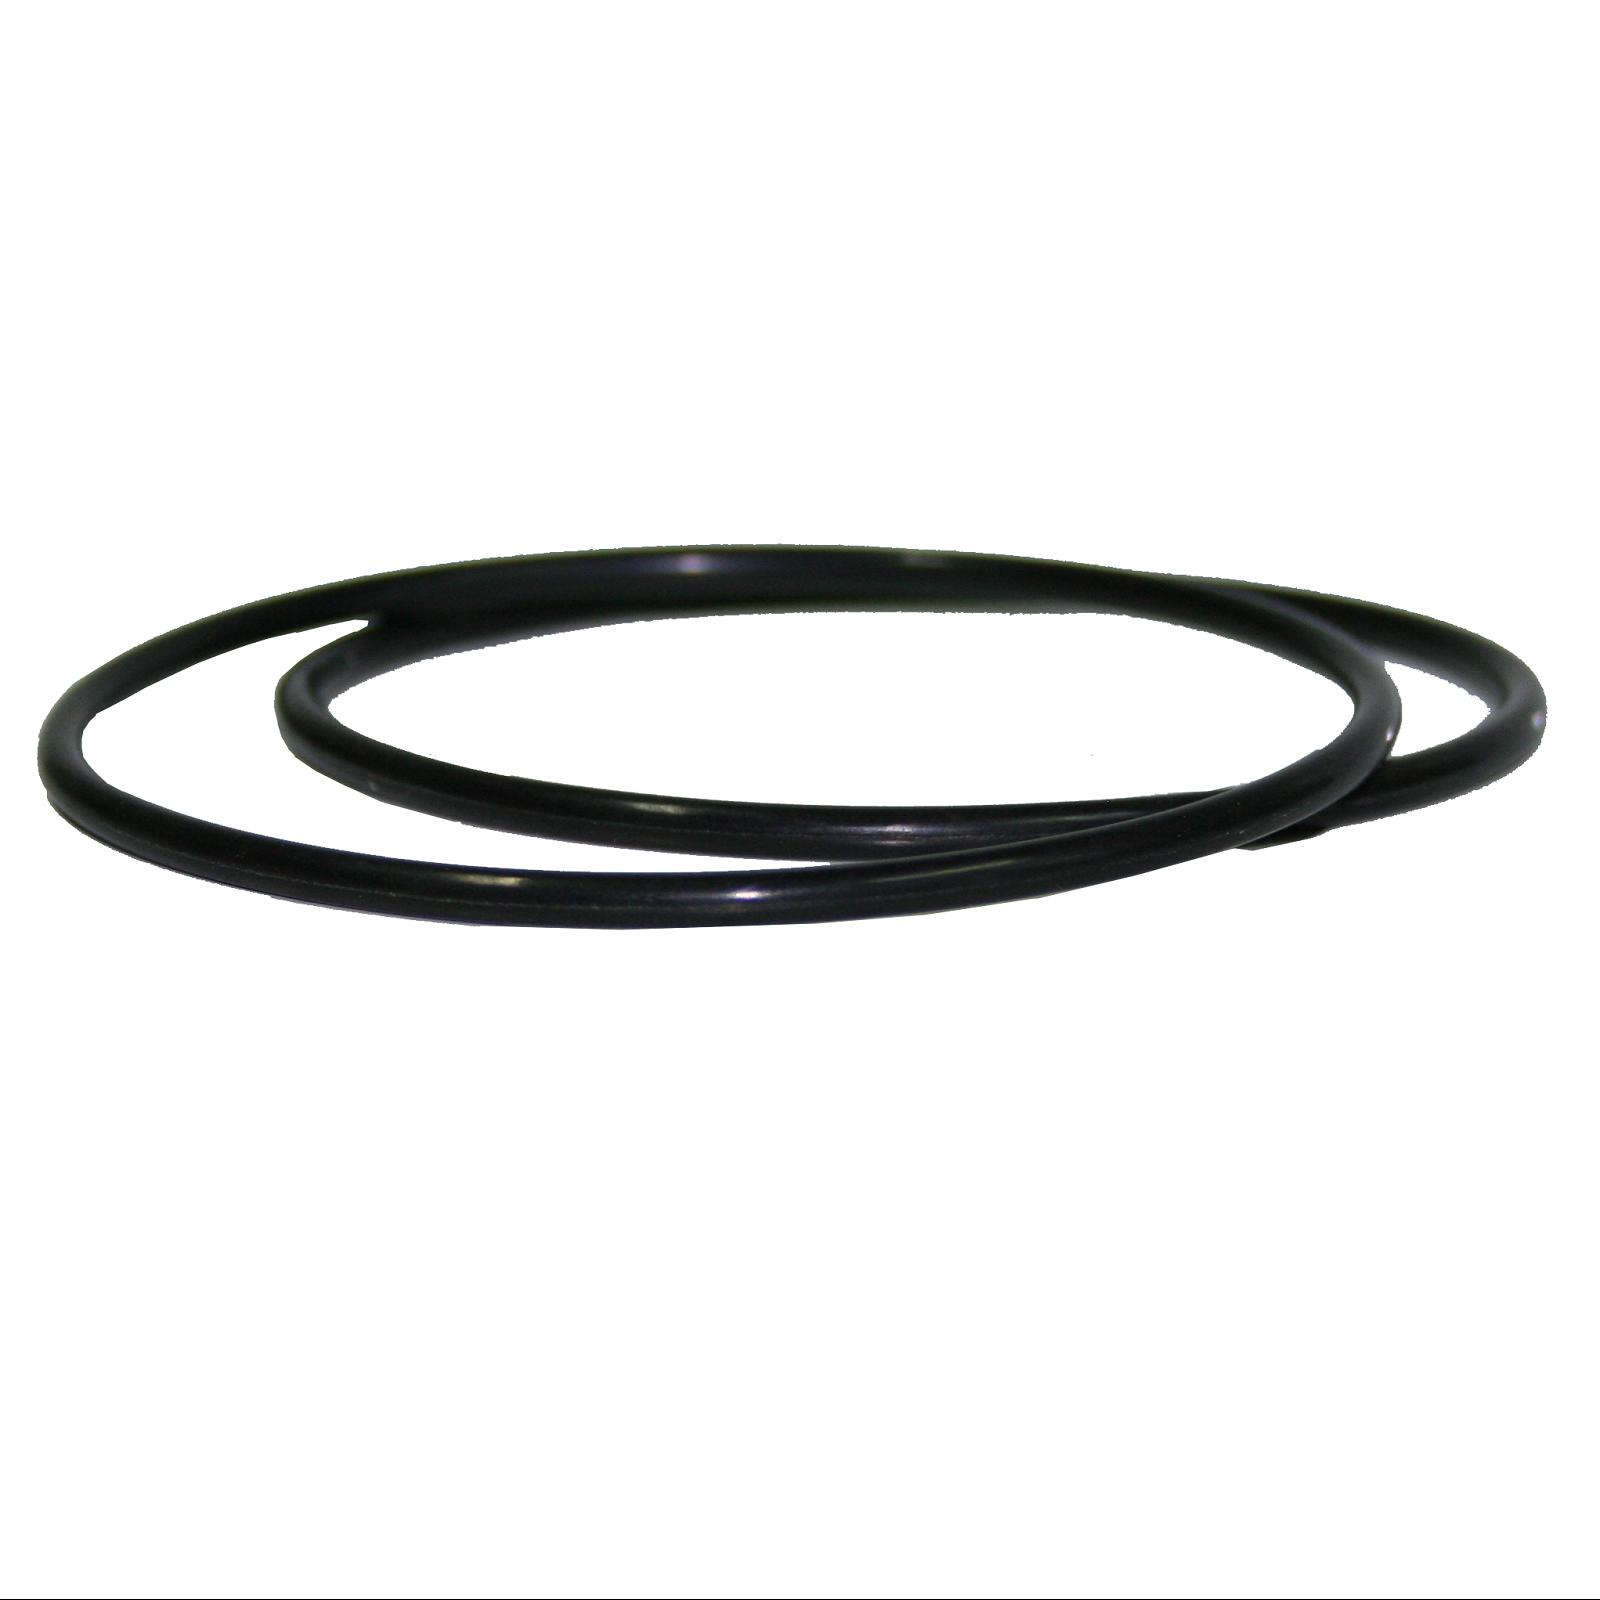 Stefani UCFA Filter Housings Replacement O Ring